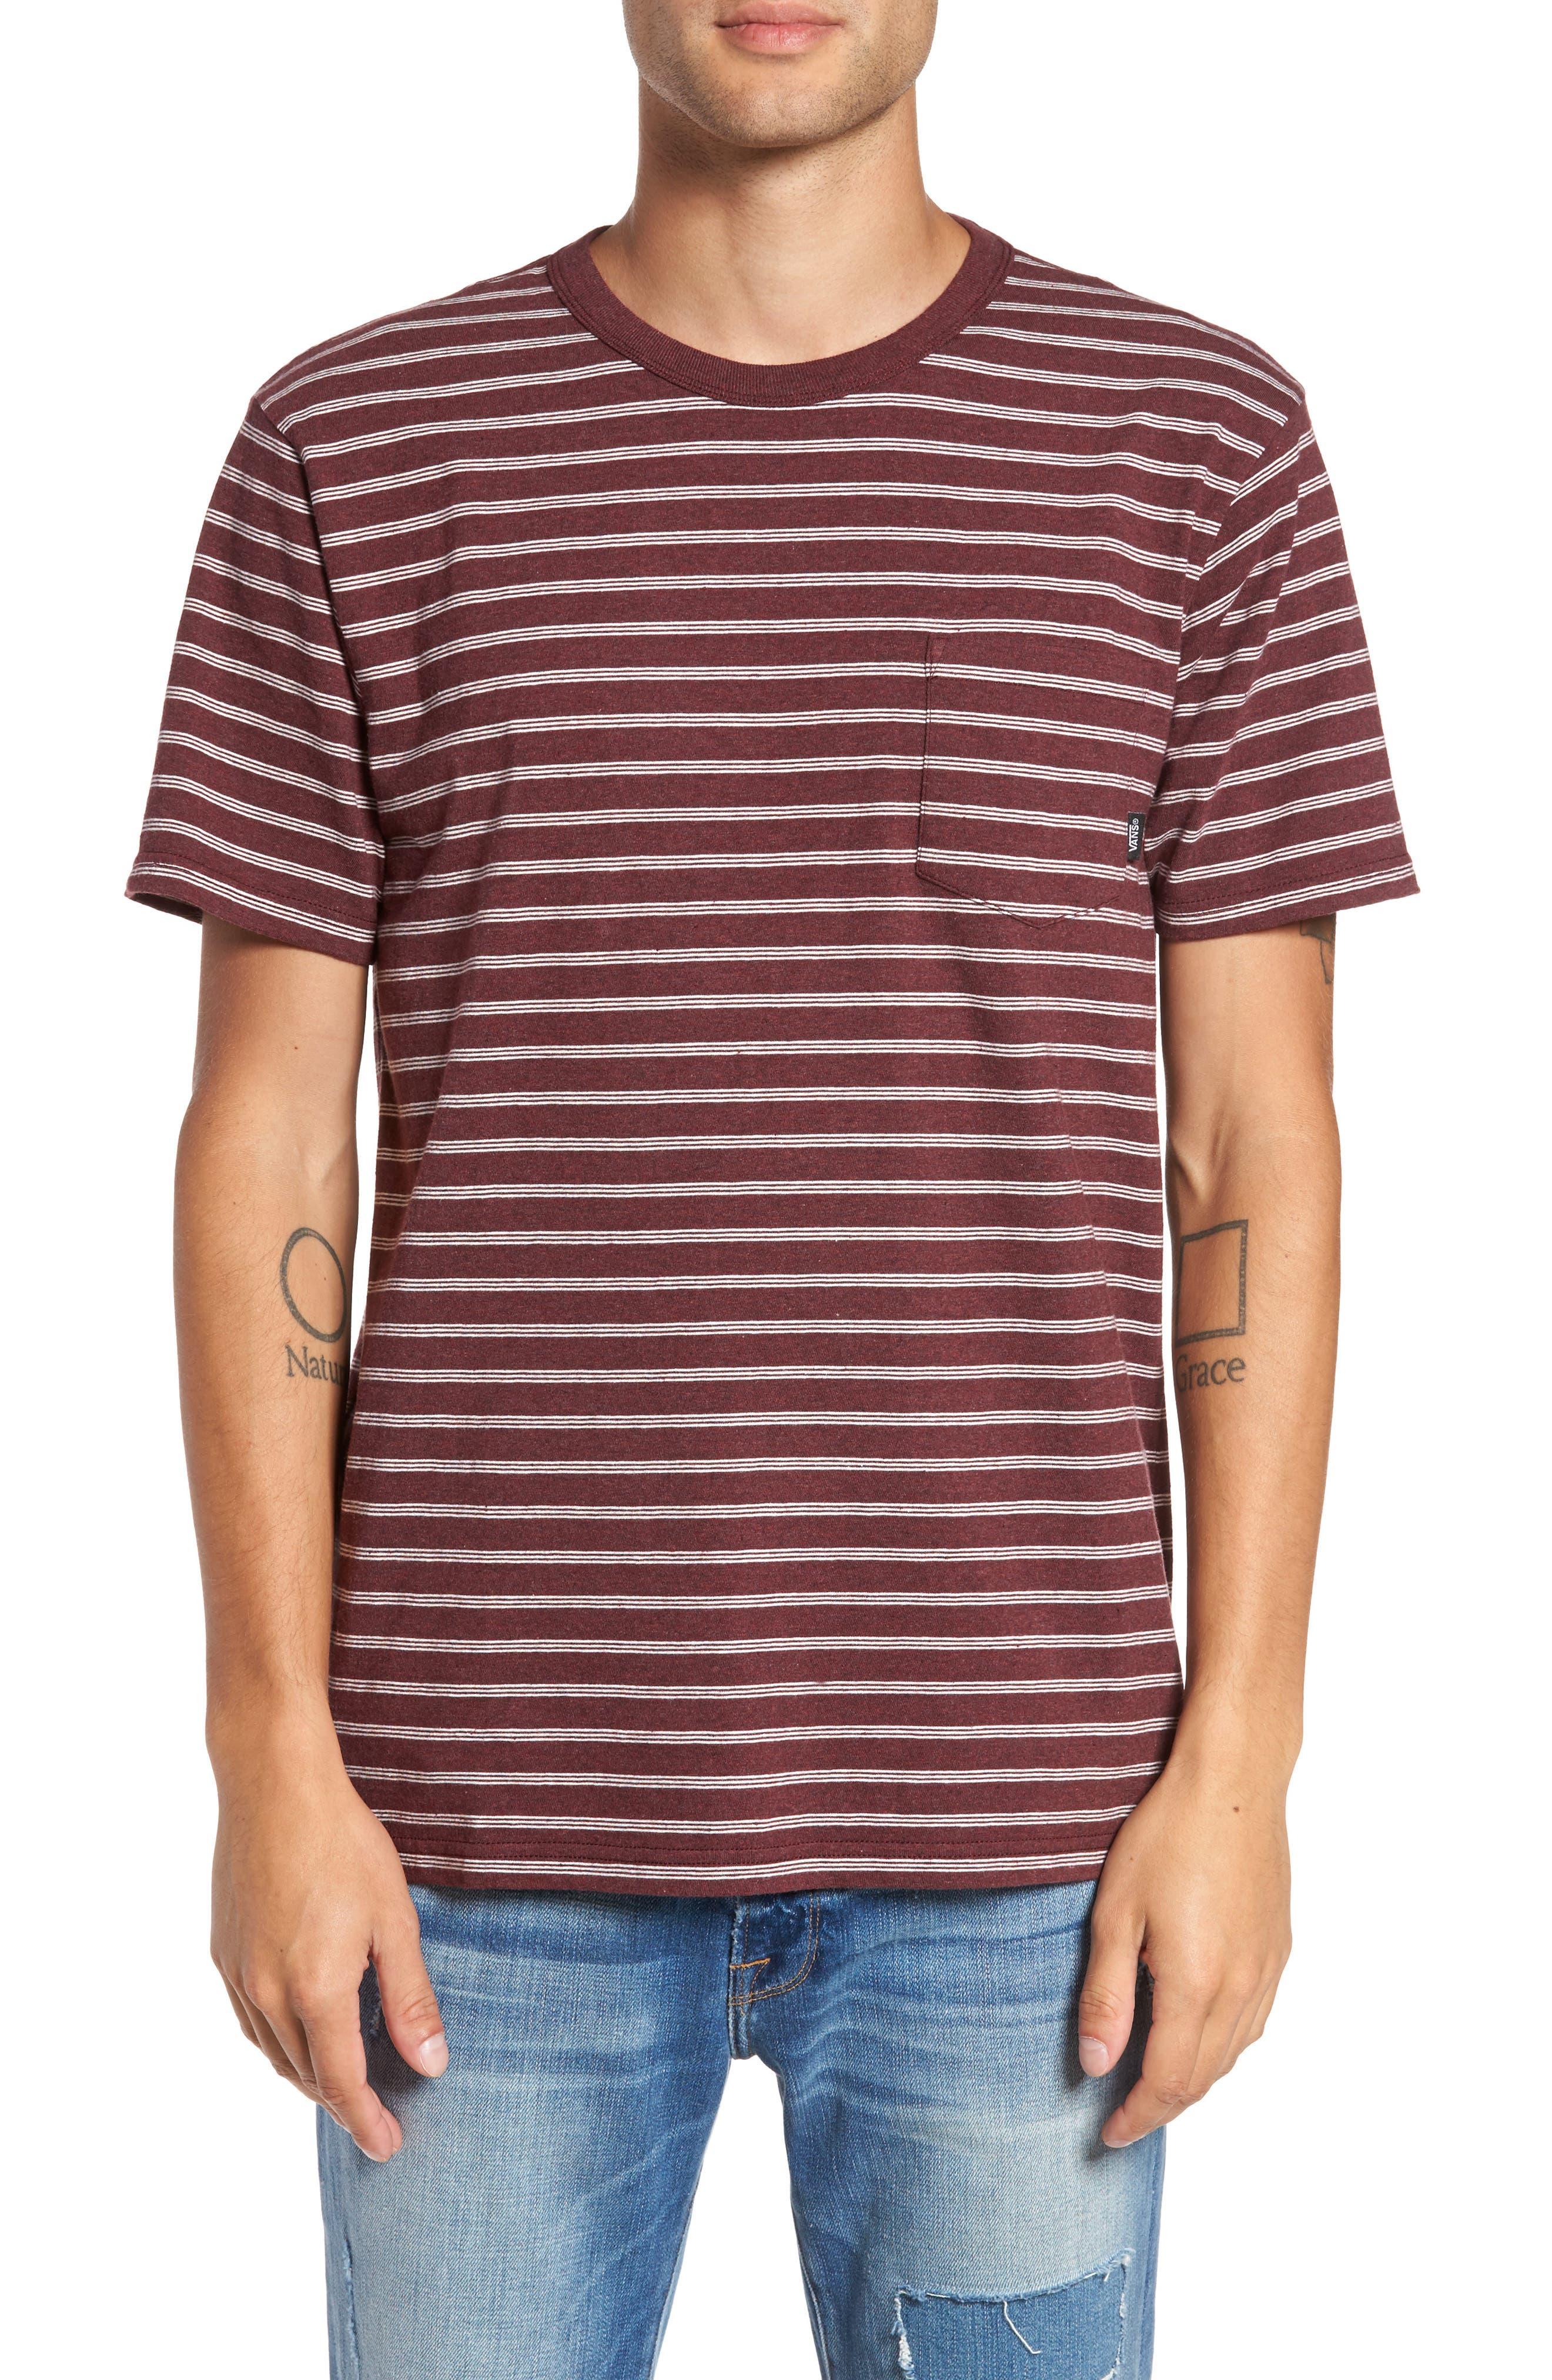 Vans Lined-Up Stripe Pocket T-Shirt